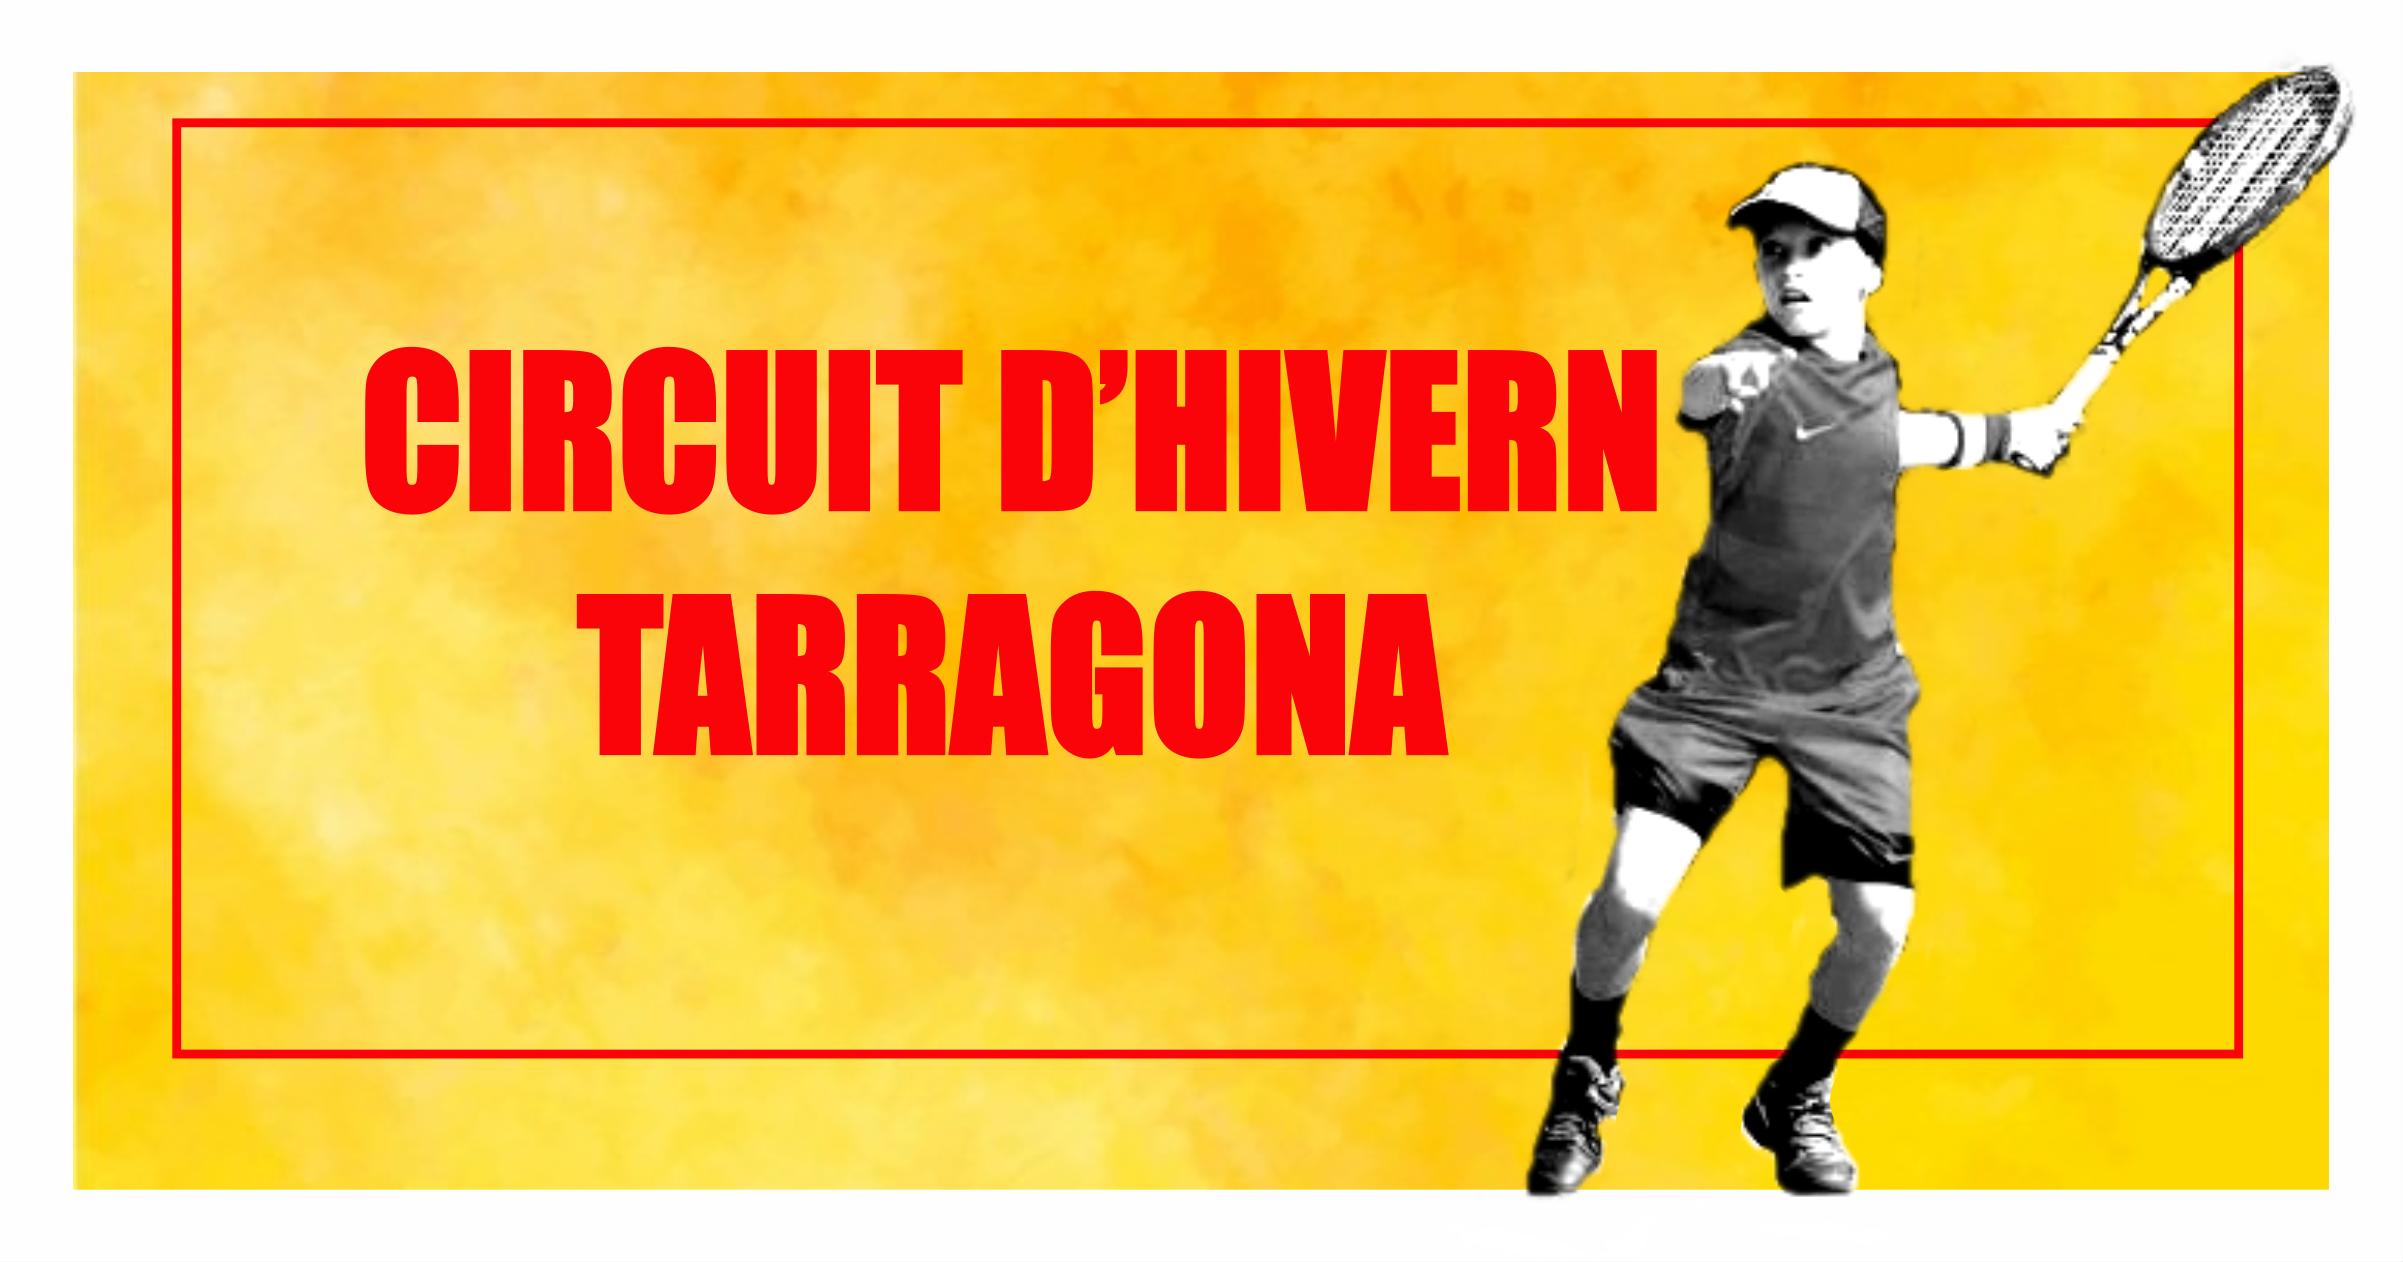 CIRCUIT D'HIVERN TARRAGONA